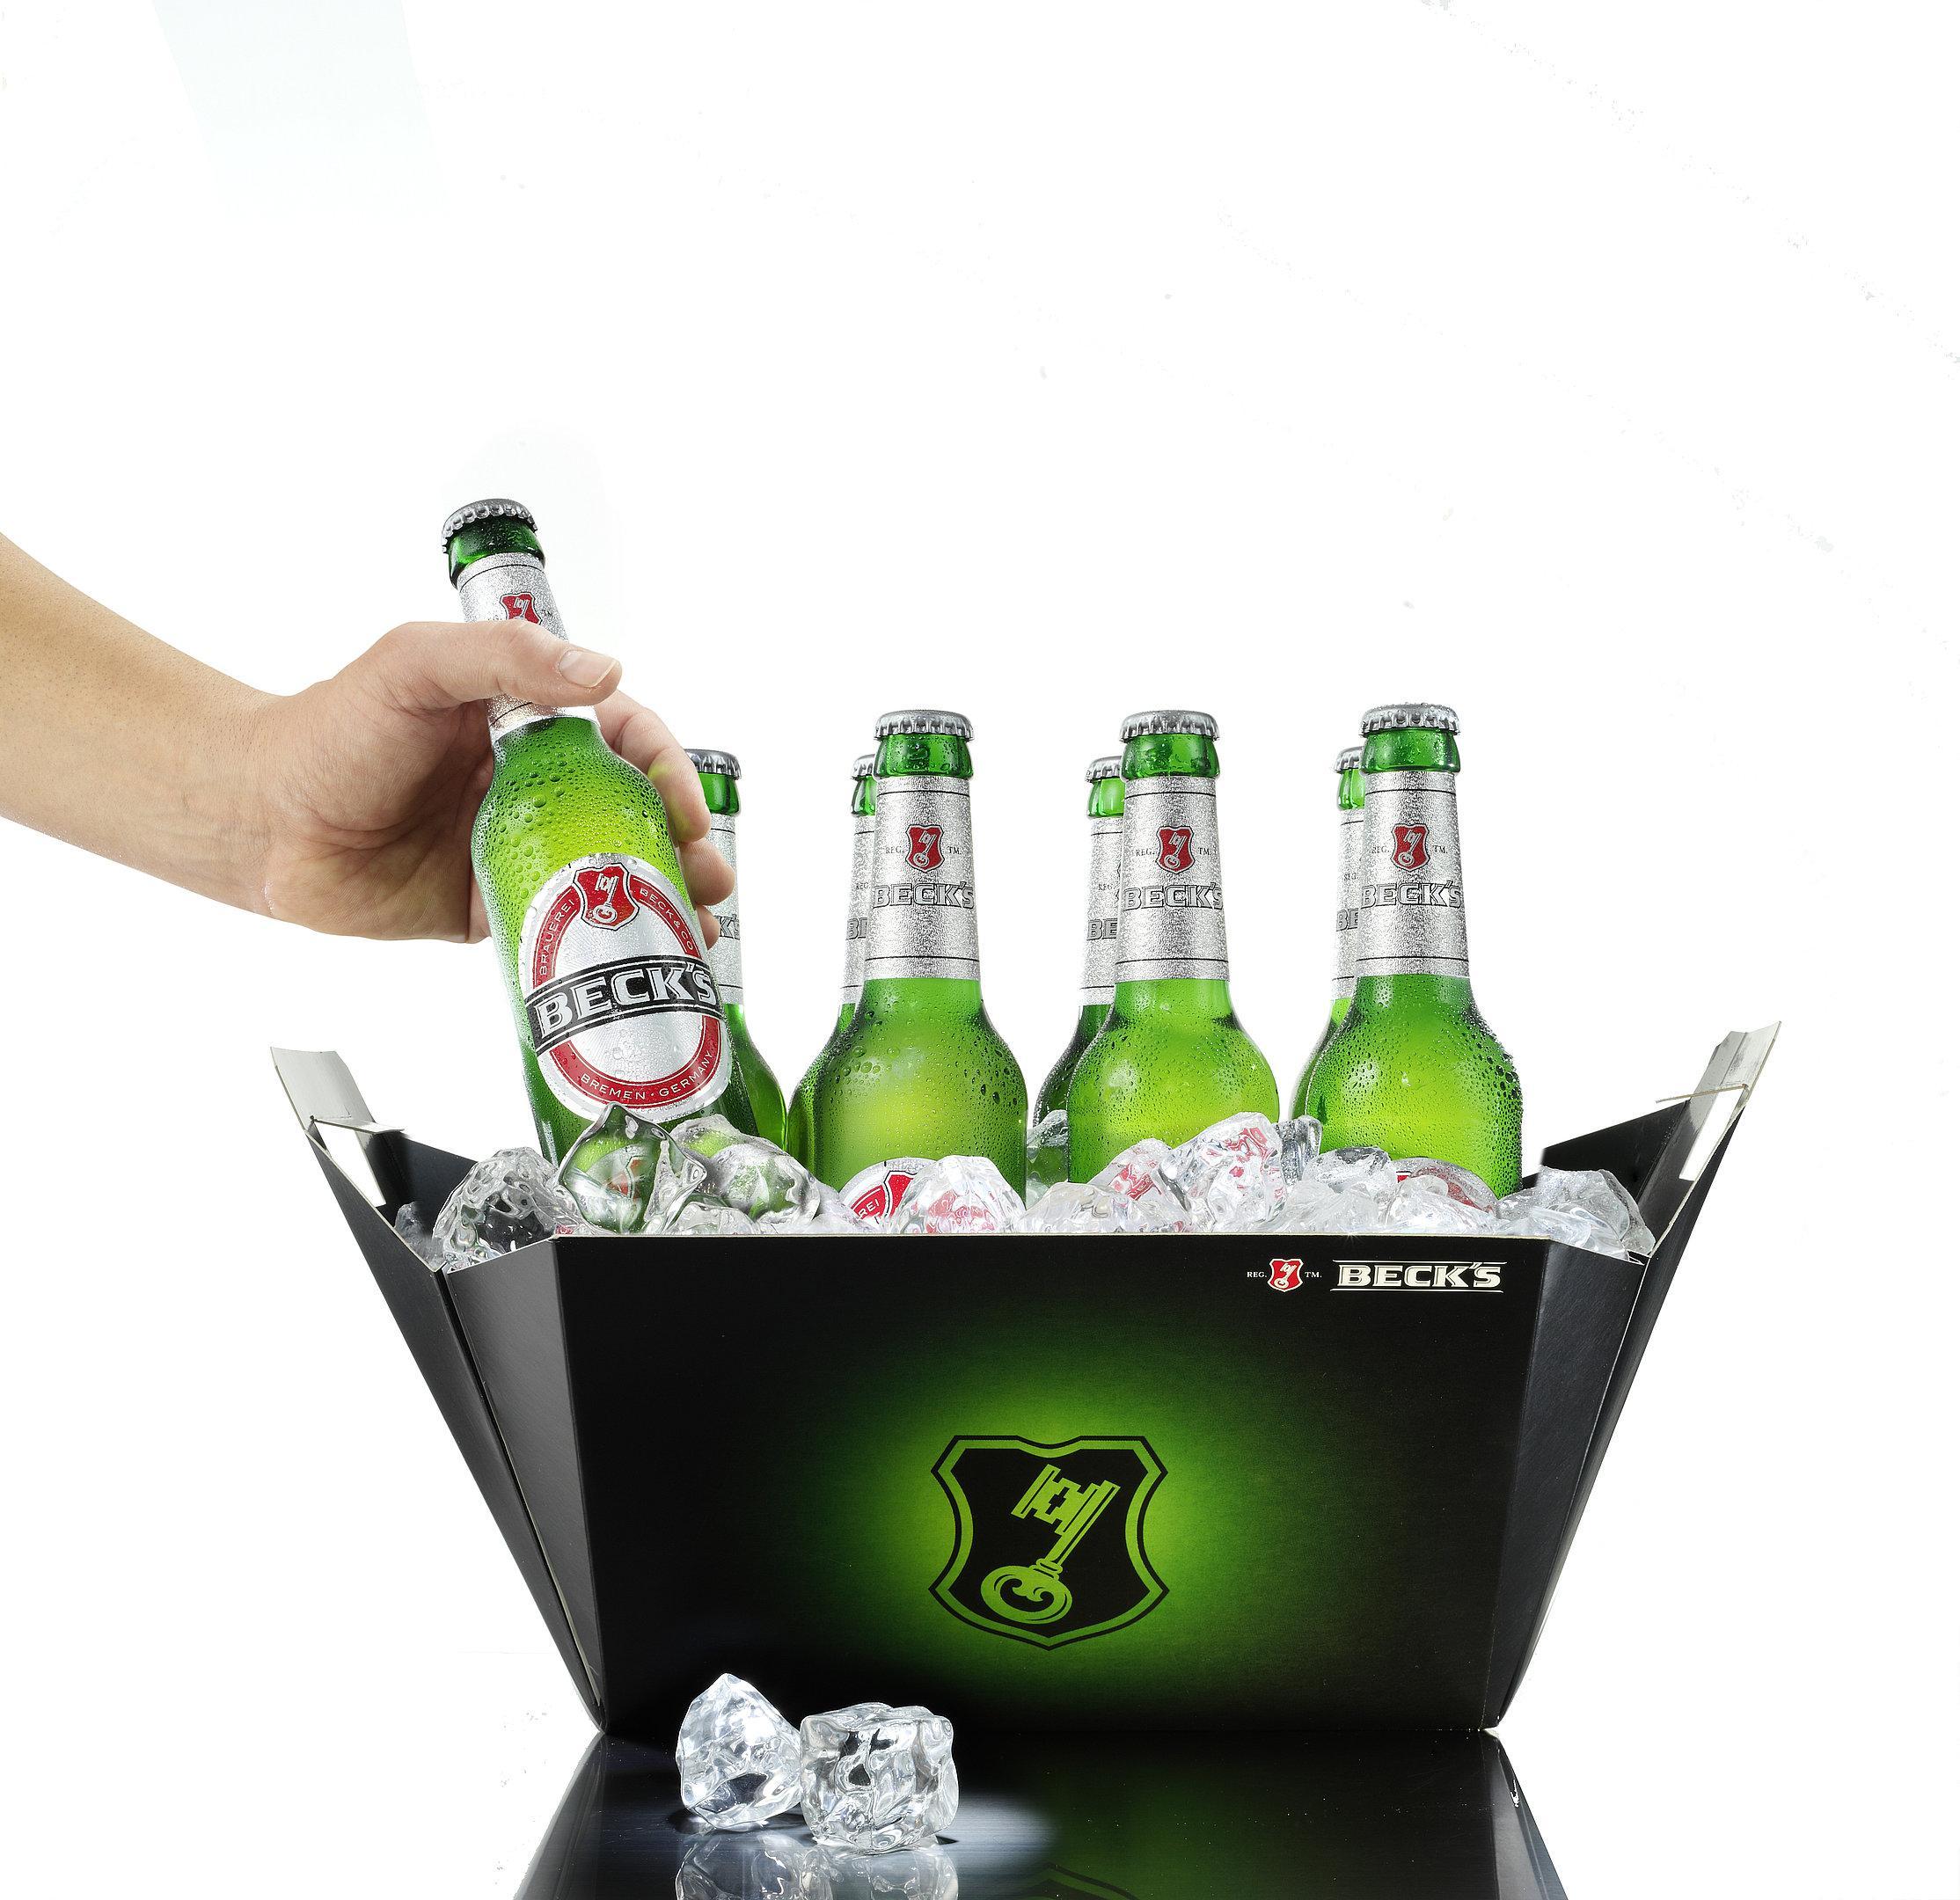 Bierschaum fließt außen an einem Bierglas herunter